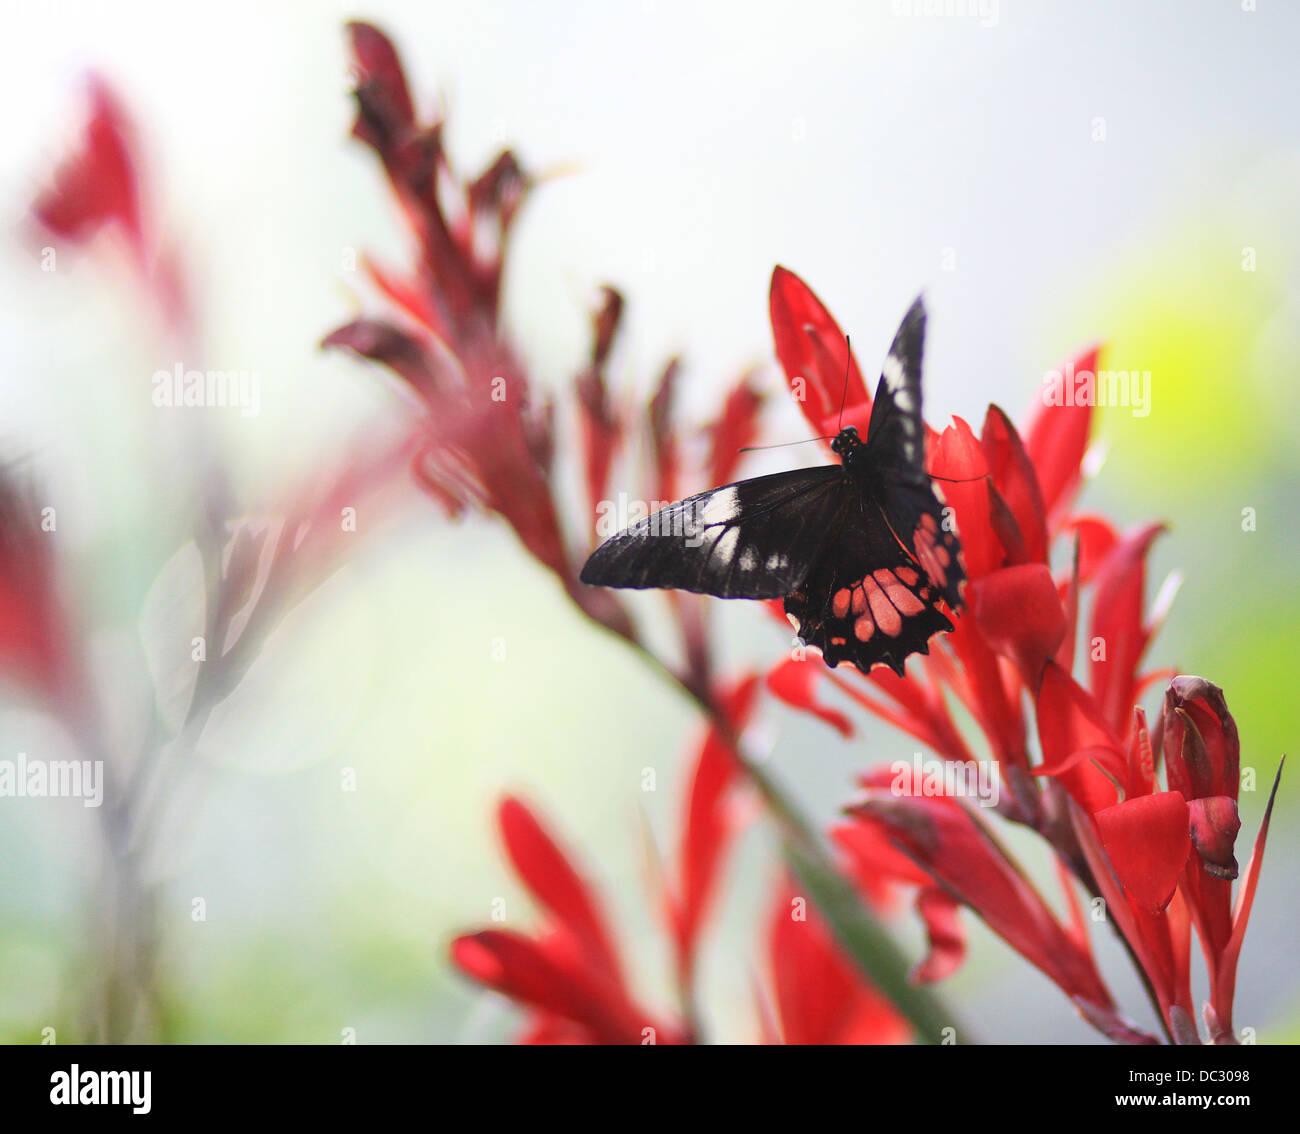 Comune (Mormone Papilio polytes),forma di Romolo, la femmina,appollaiate su un fiore. Si tratta di una specie di Immagini Stock